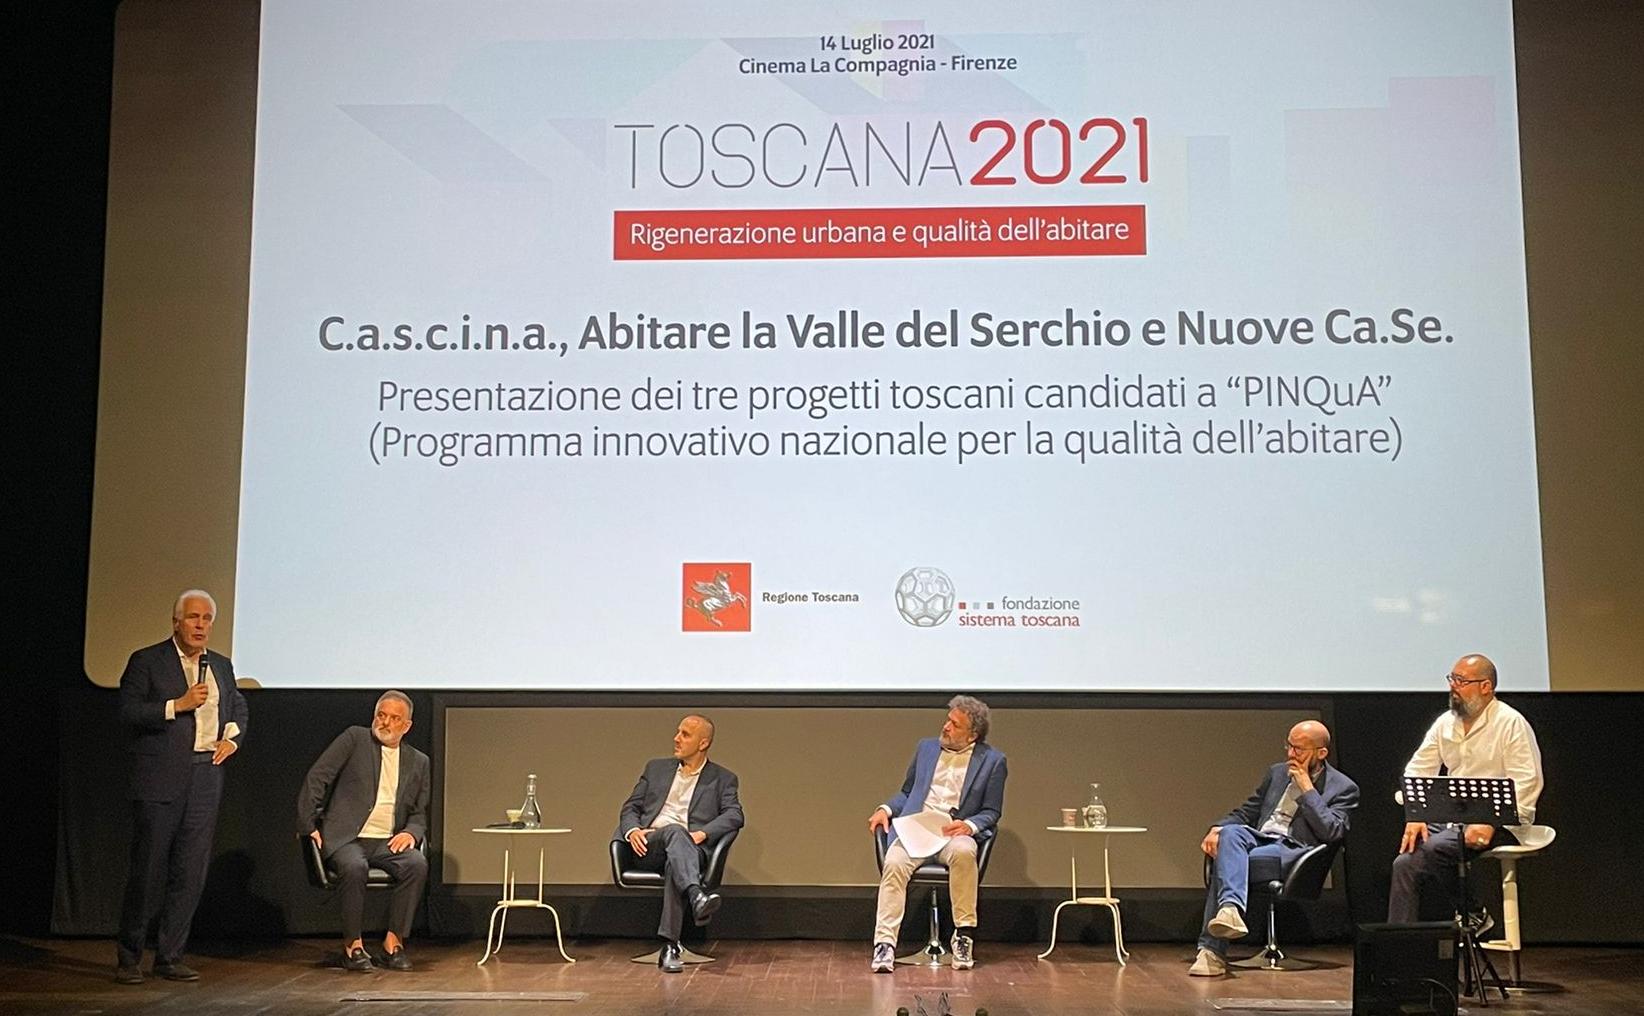 Rigenerazione urbana, dalla Toscana 3 progetti candidati al bando nazionale